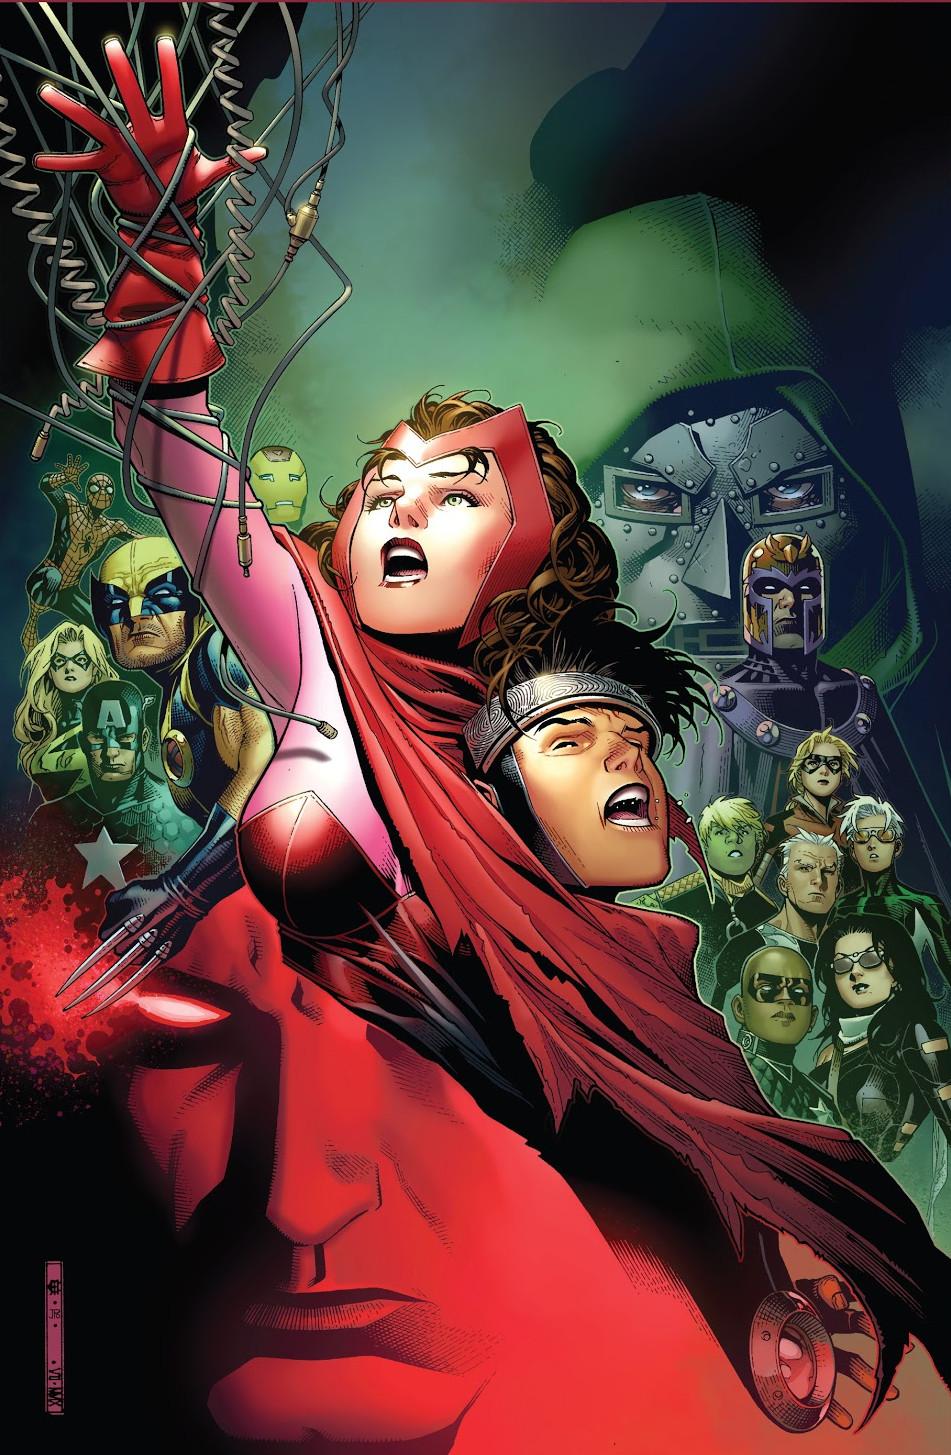 Avengers The Children's Crusade Vol 1 3 Textless.jpg